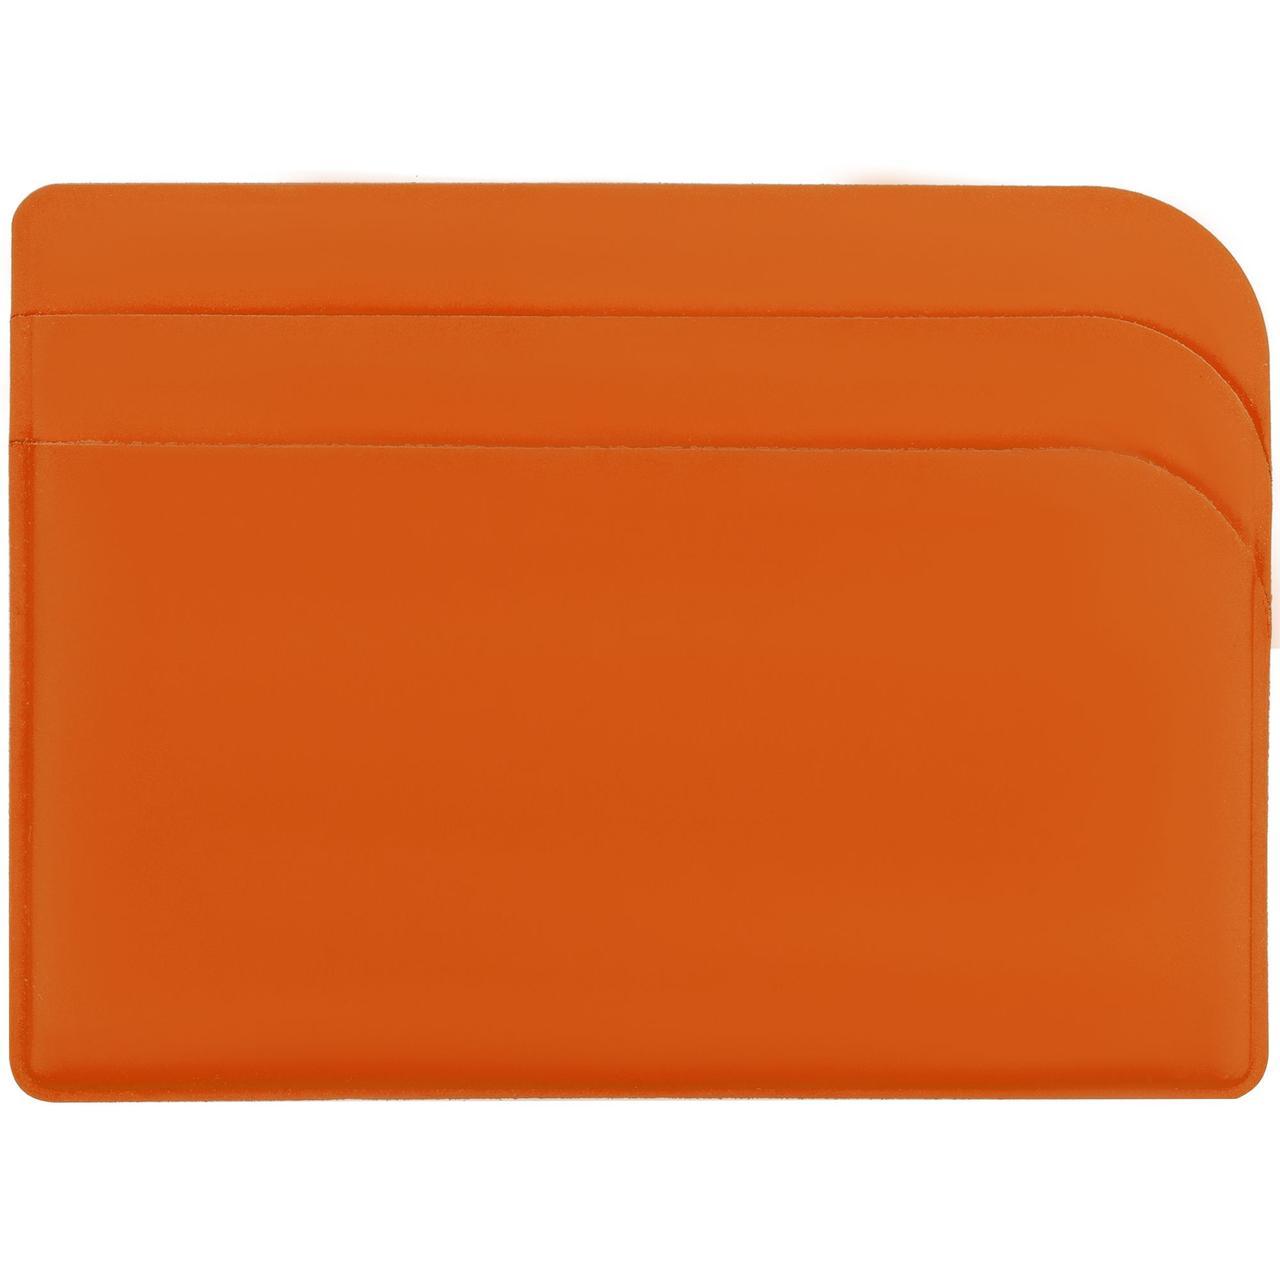 Чехол для карточек Dorset, оранжевый (артикул 10943.20)